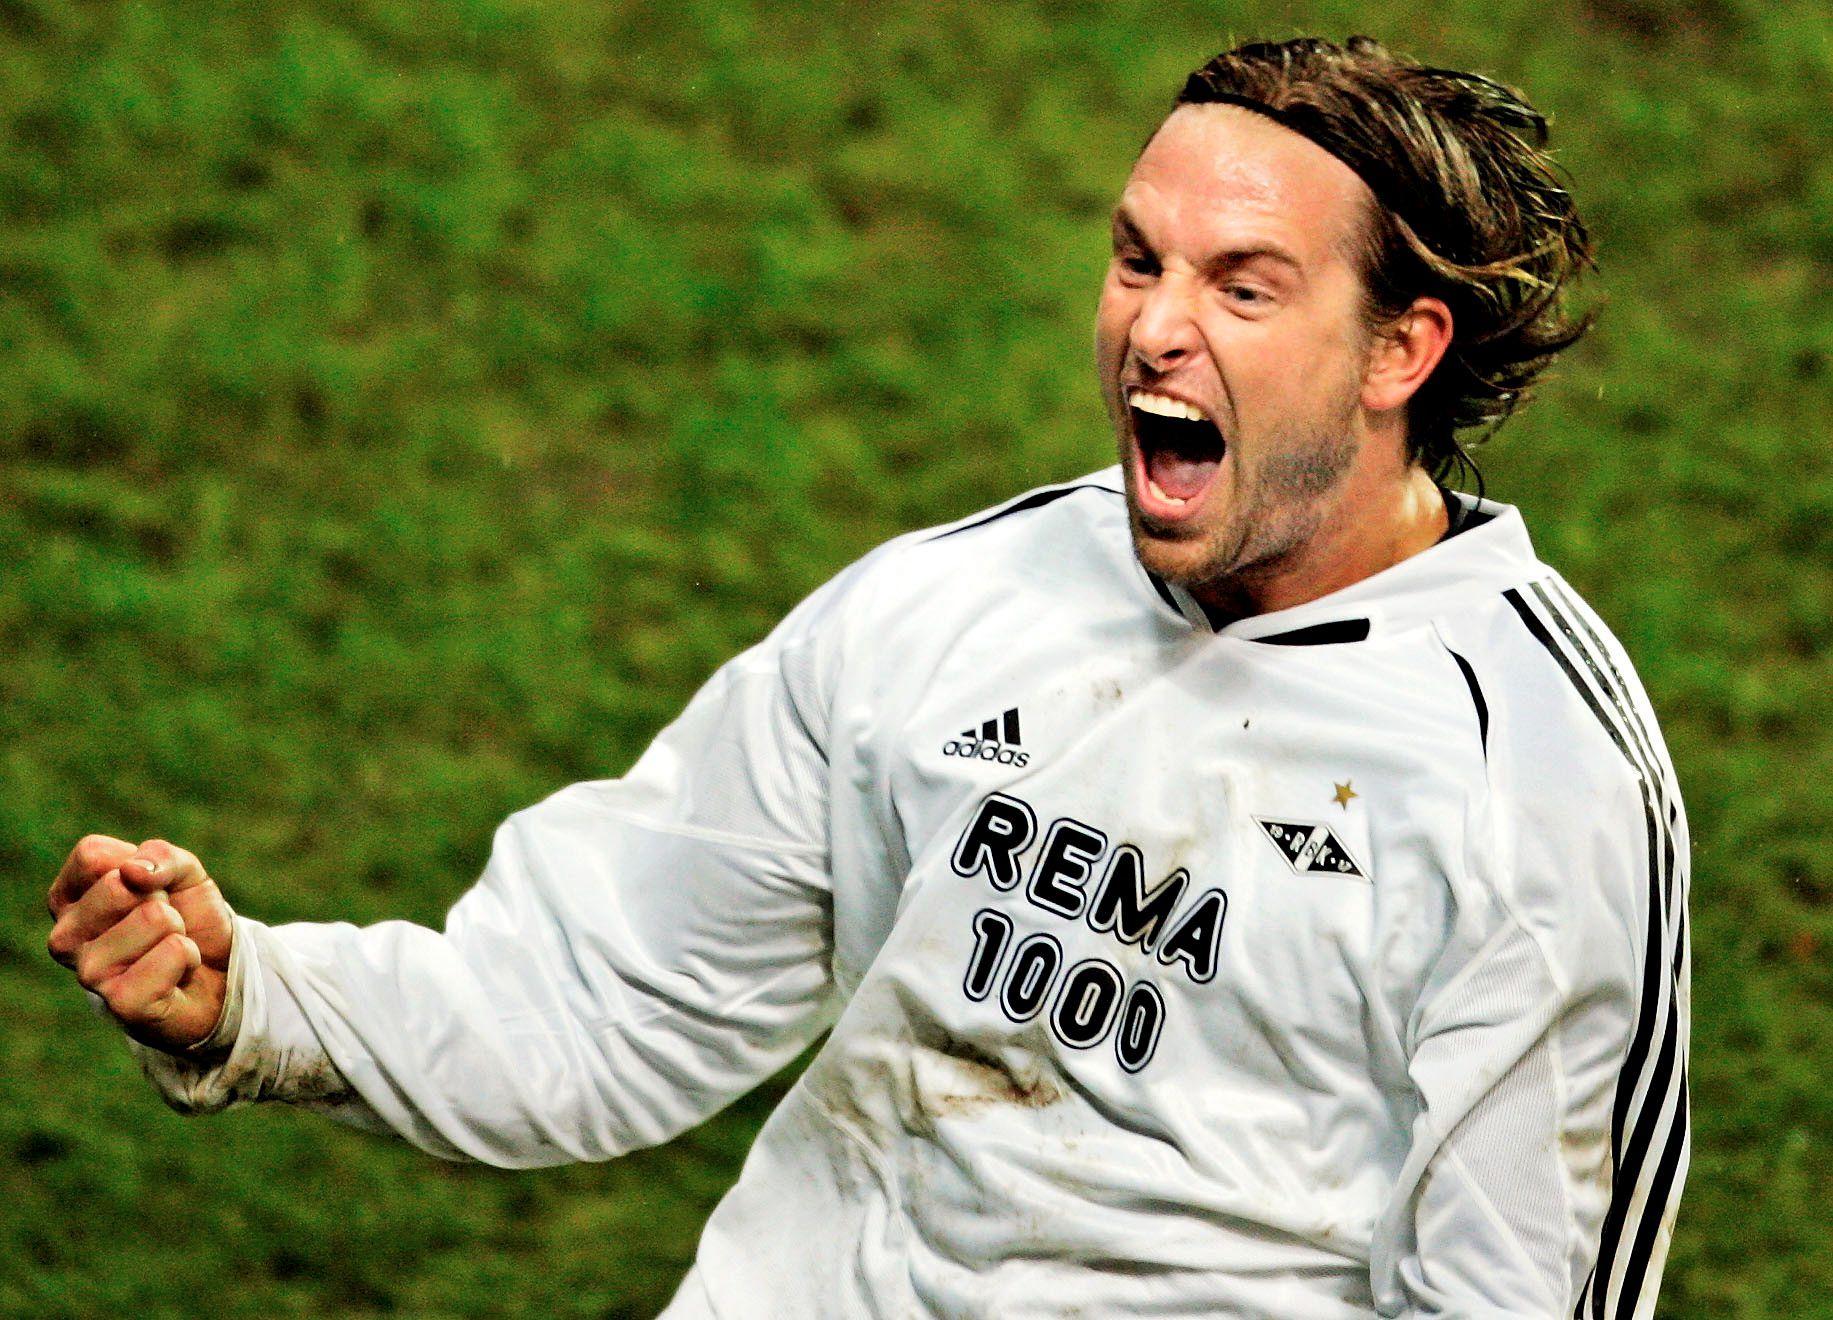 2005: Rosenborgs Thorstein Helstad jubler for scoring i 1–1-kampen mot Olympiacos. Rivaldo scoret for grekerne.